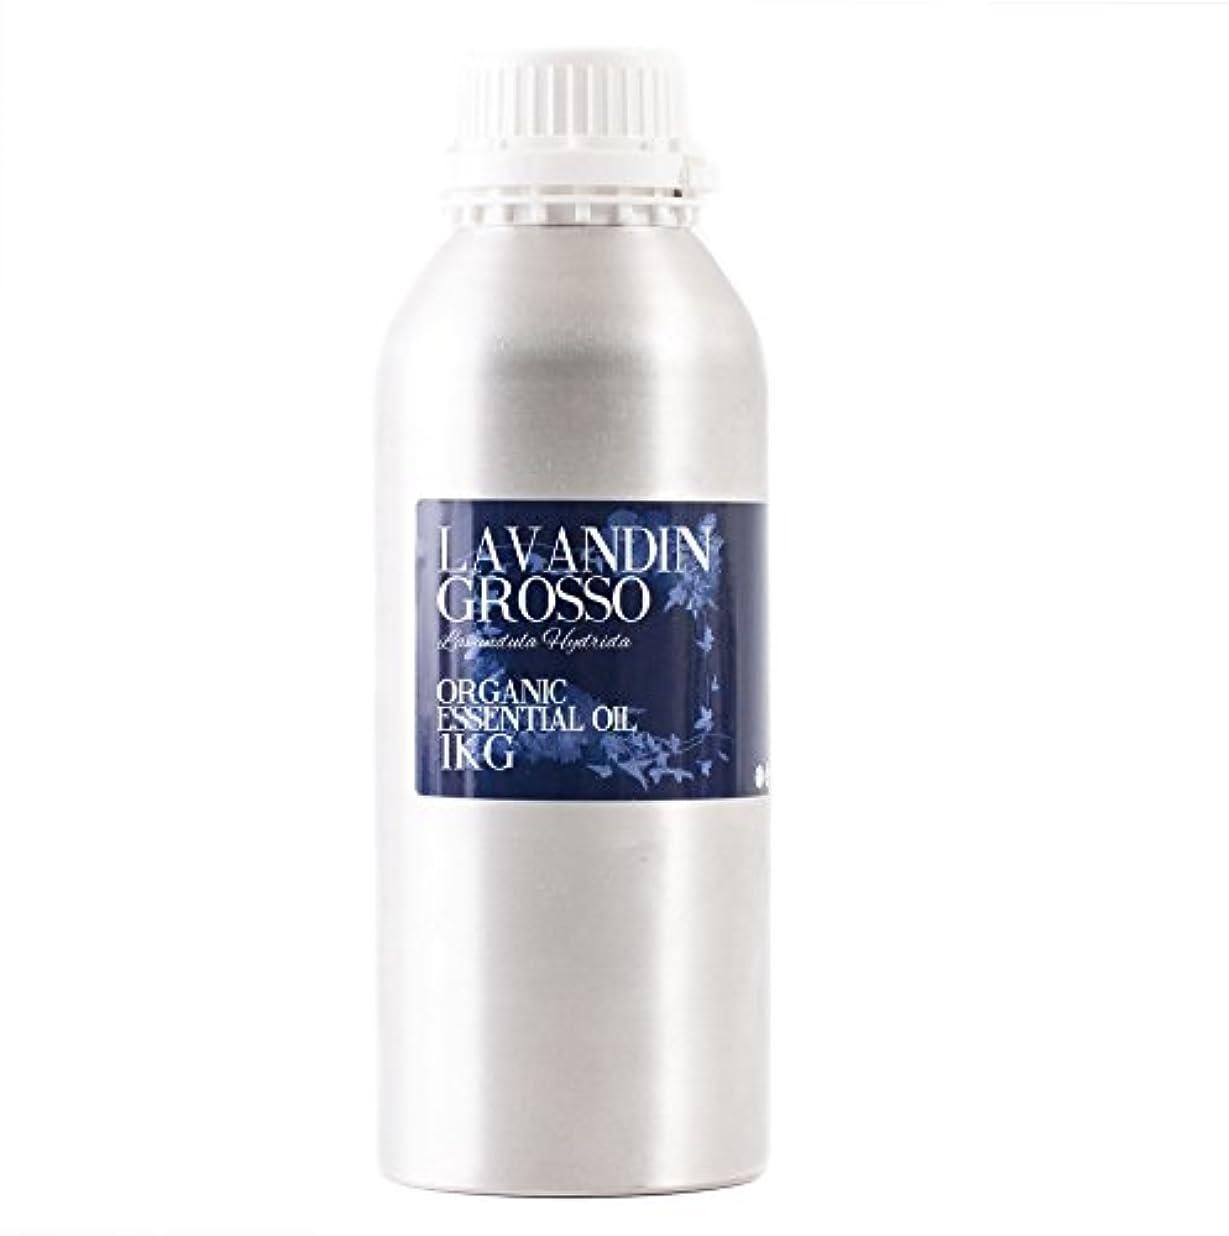 トラフ時間厳守大腿Mystic Moments   Lavandin Grosso Organic Essential Oil - 1Kg - 100% Pure